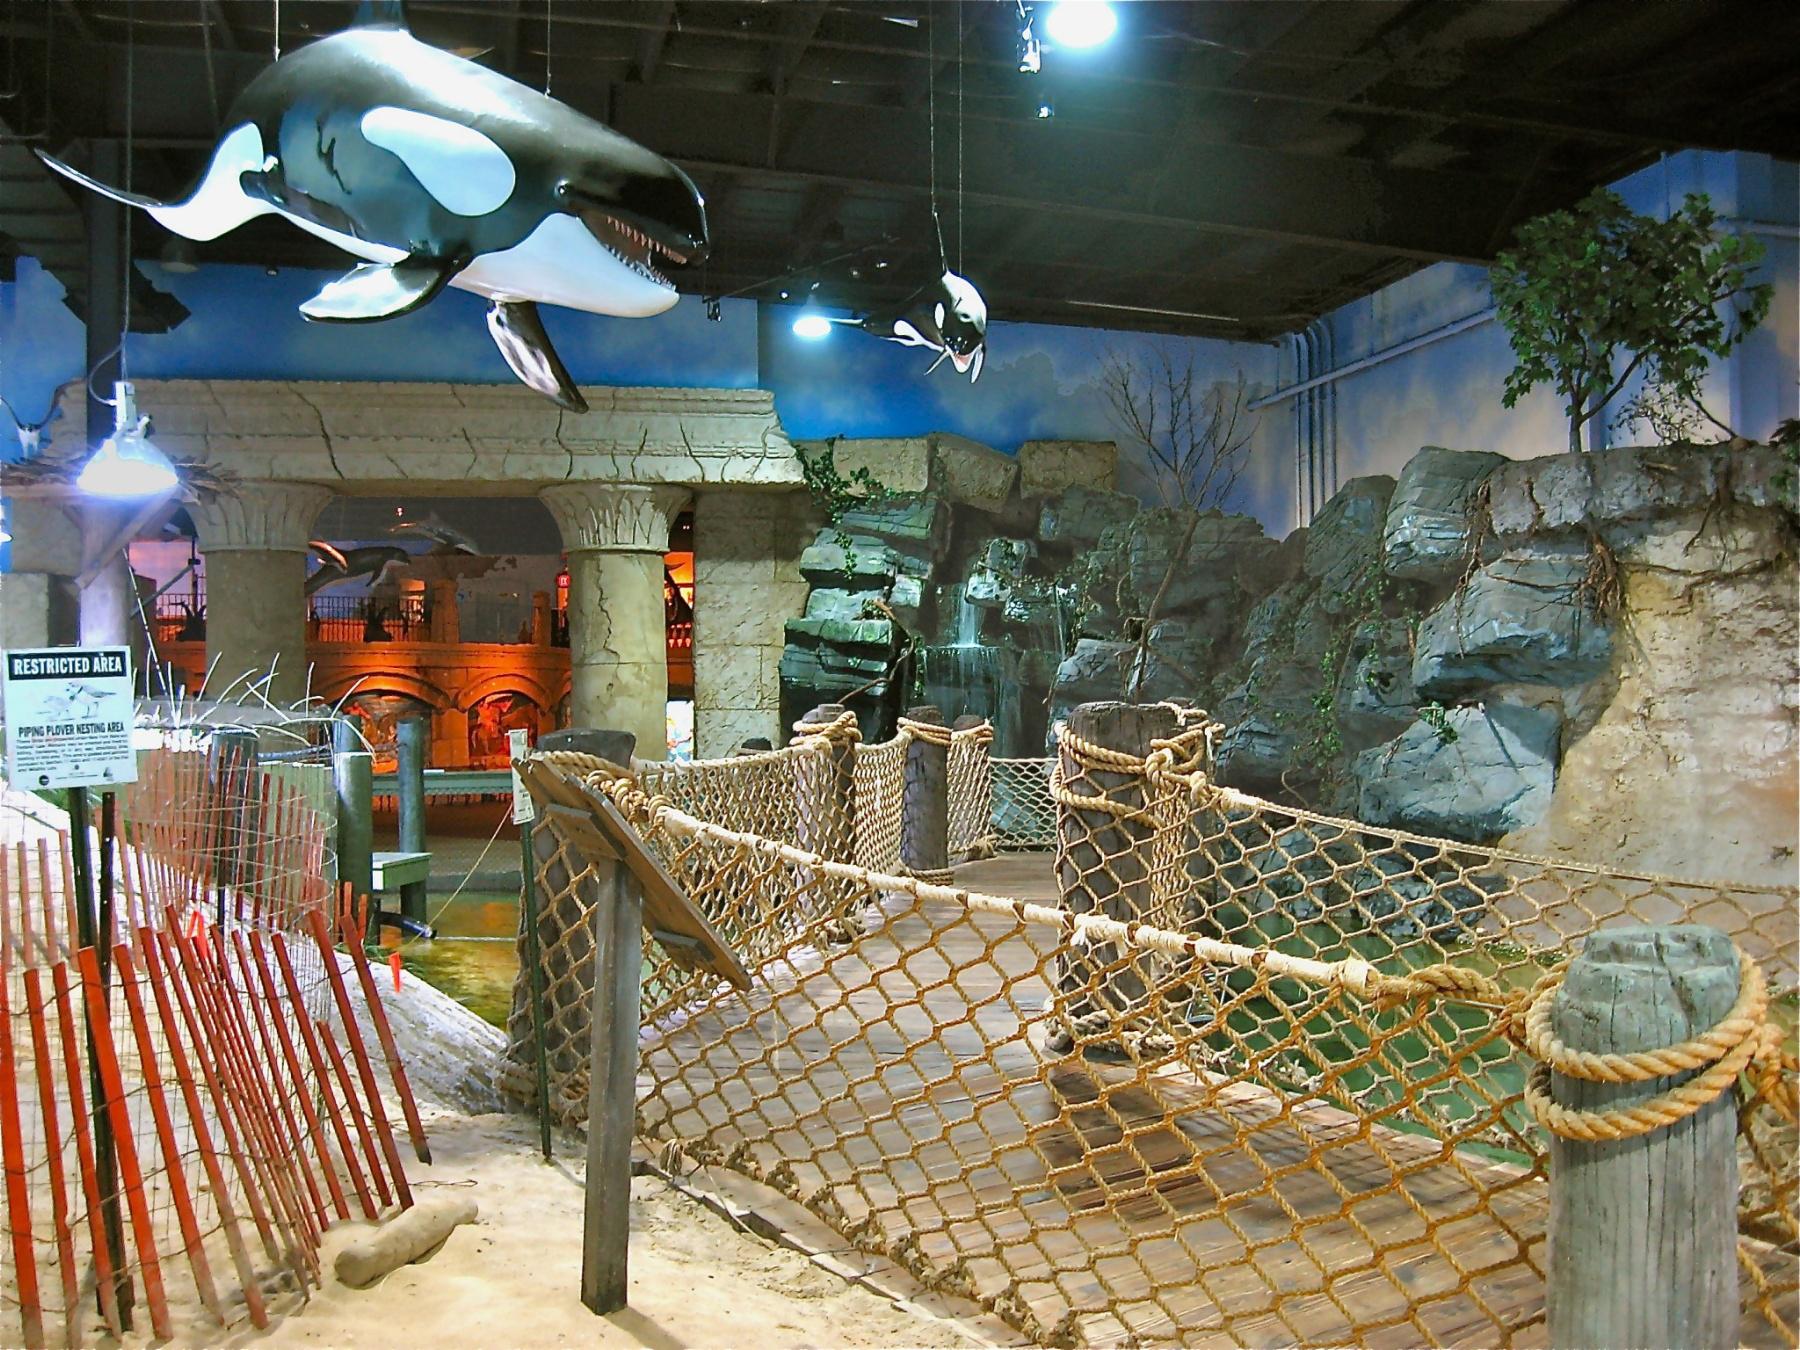 Overview of the aquarium